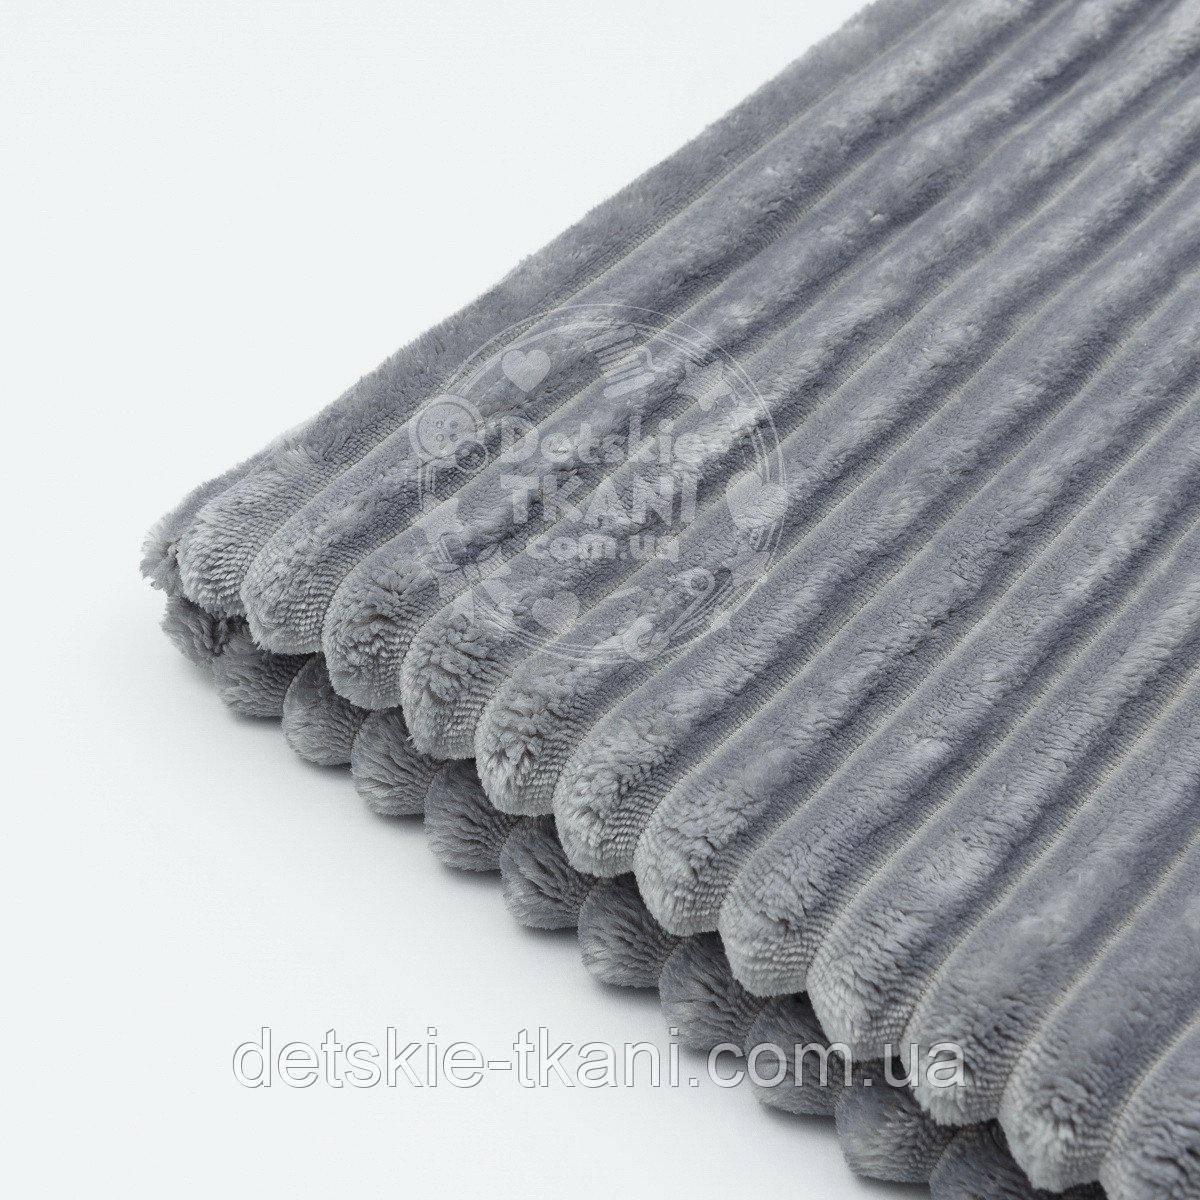 Лоскут плюша в полоску stripes средне-серого цвета, размер 110*80 см